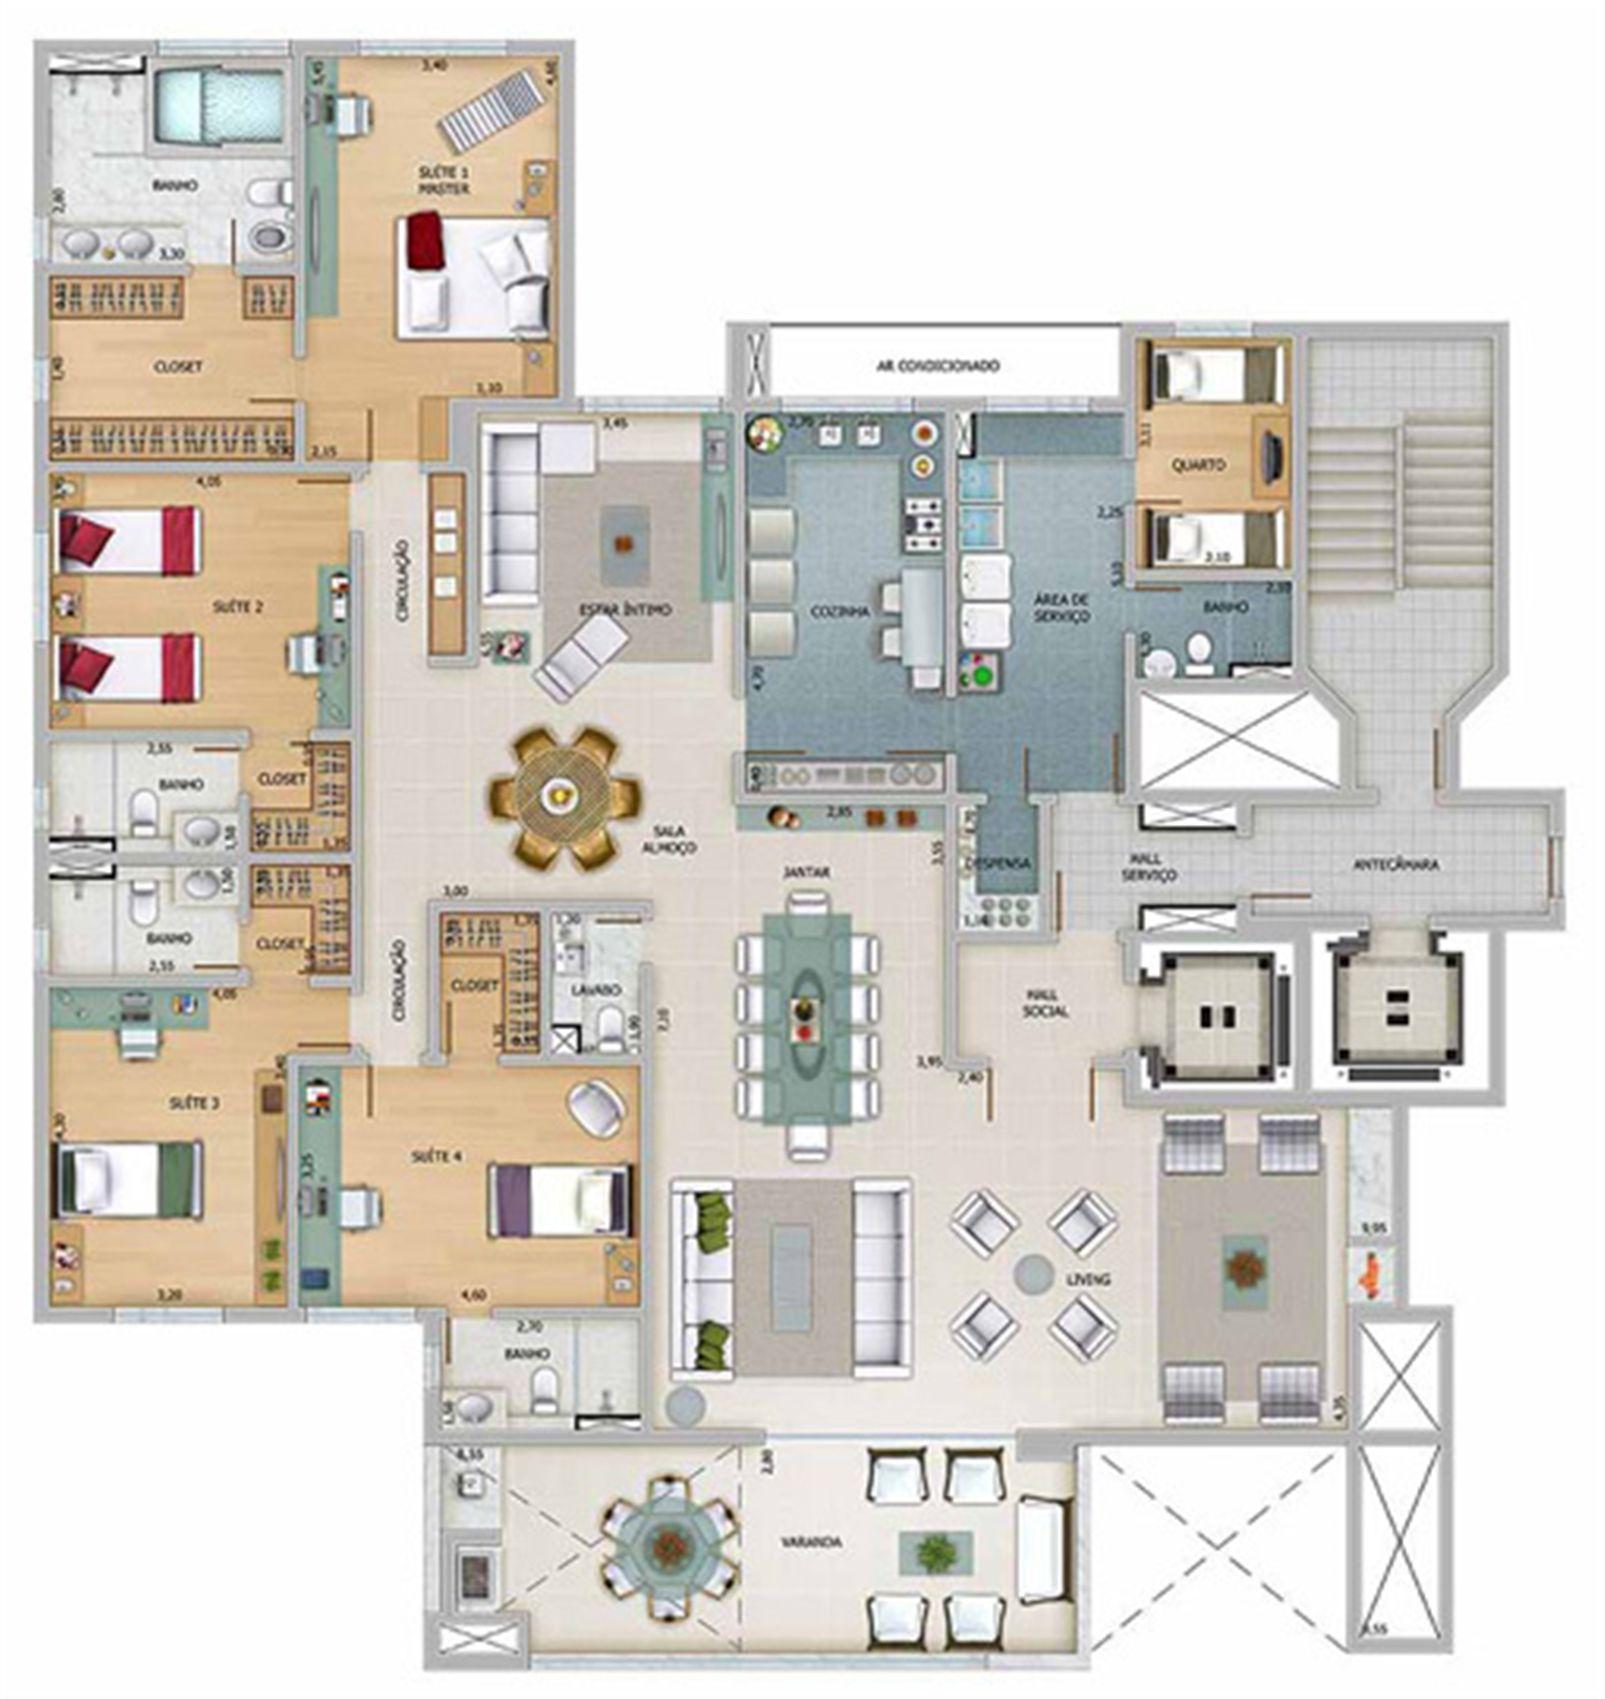 Edifício Athena - Planta do 18º, 20º e 22º pavimento | Olympus - Apolo e Athena – Apartamentona  Vila da Serra - Nova Lima - Minas Gerais